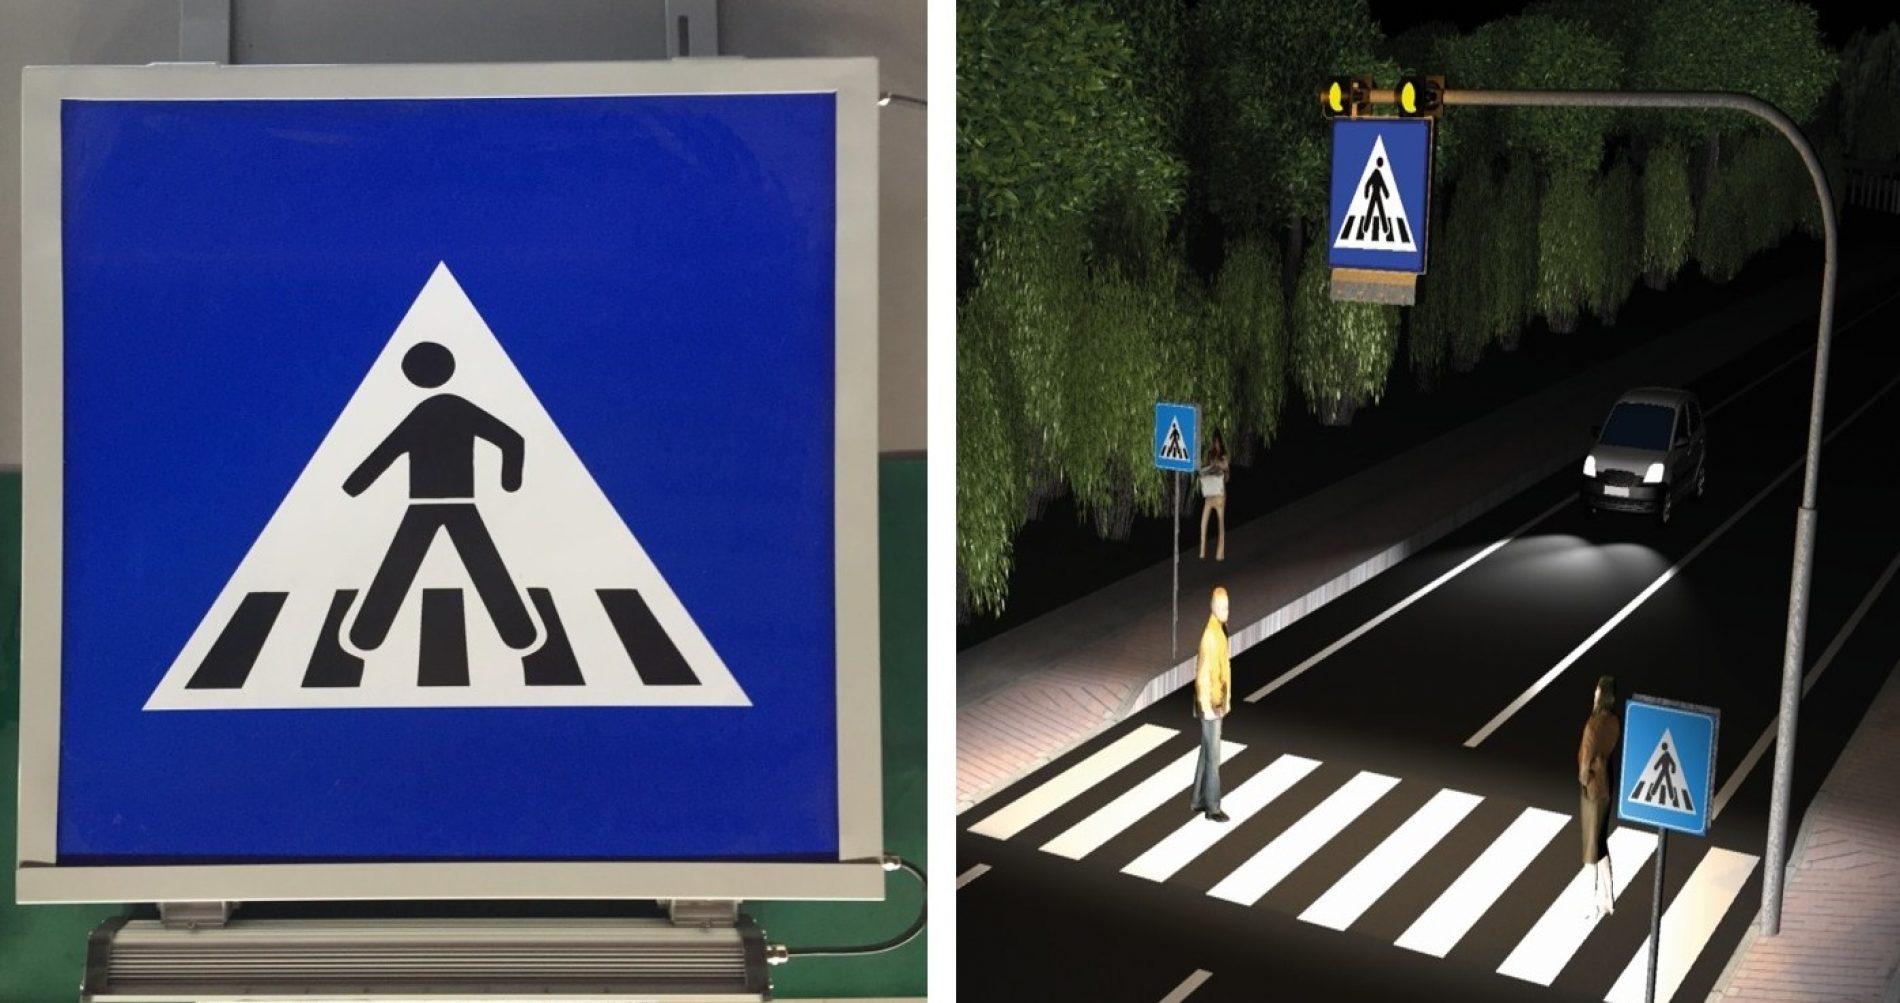 Bosanska kompanija 'LED Vision' – Prave svijetleće saobraćajne znakove